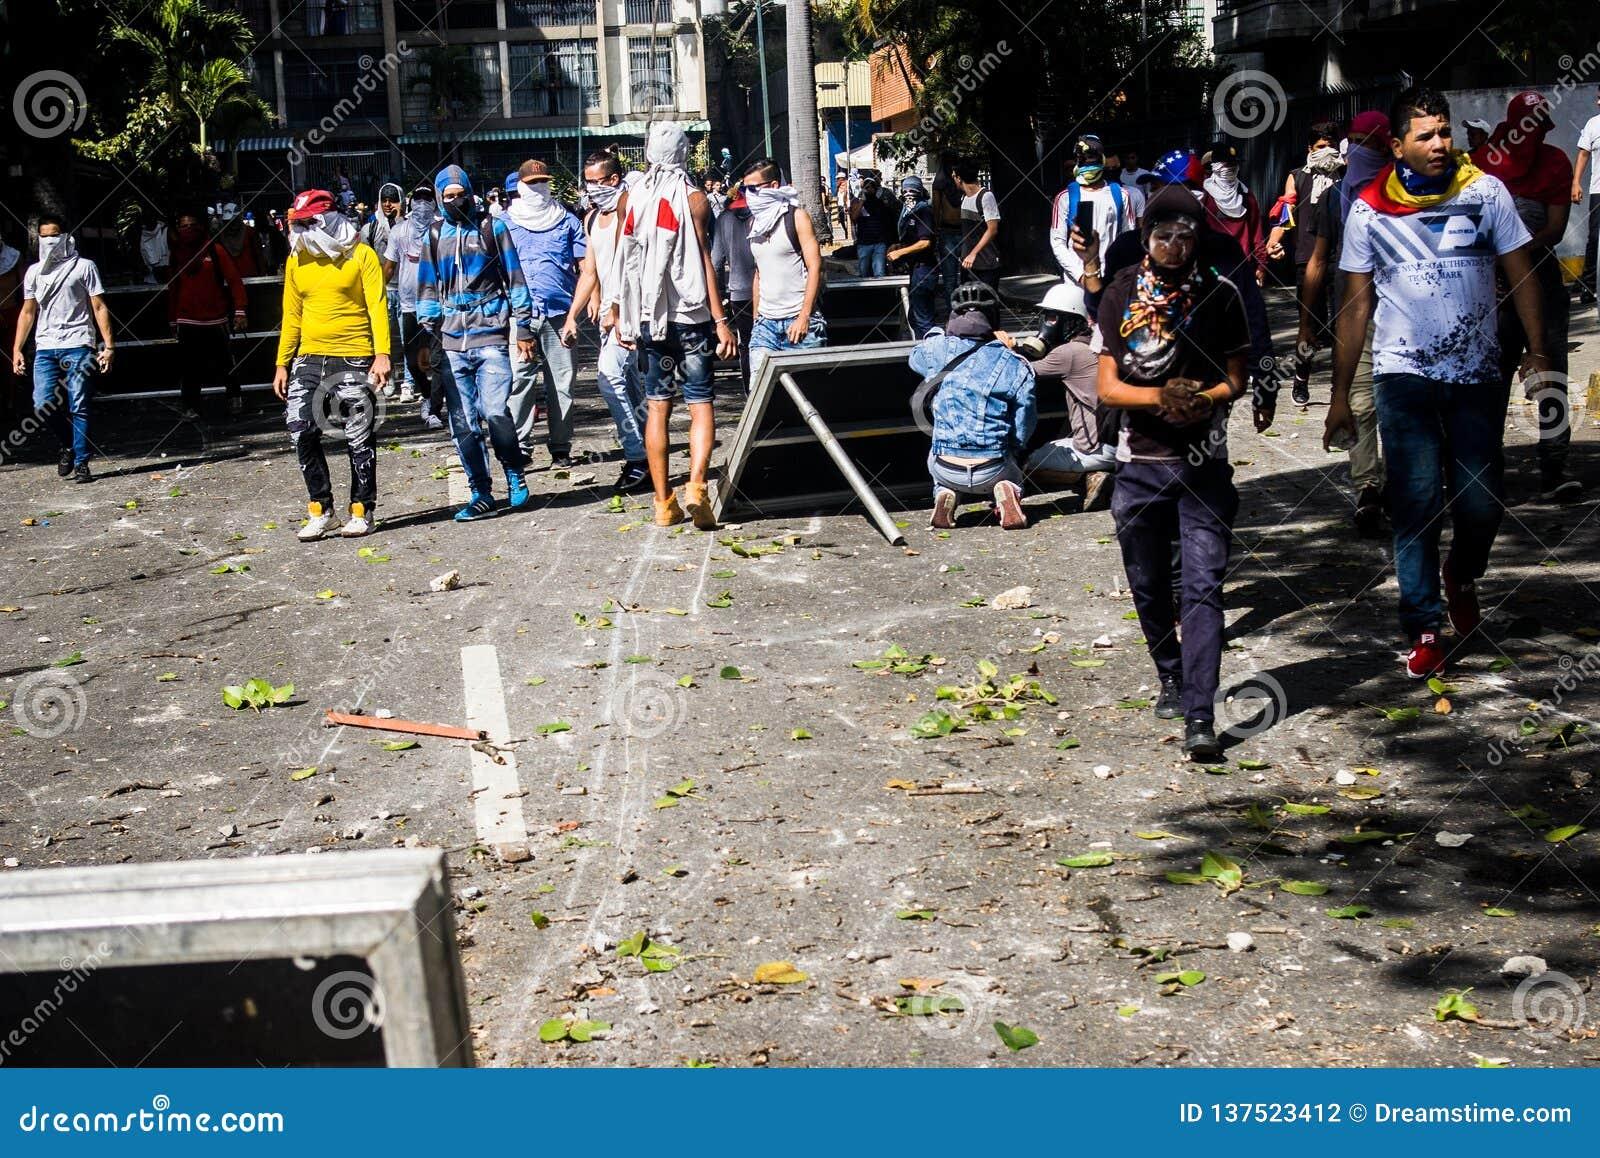 23-01-2019 της Βενεζουέλας Protestants παίρνει στις οδούς για να εκφράσει τη δυσαρέσκειά τους στην παράνομη ανάληψη του Nicolas M